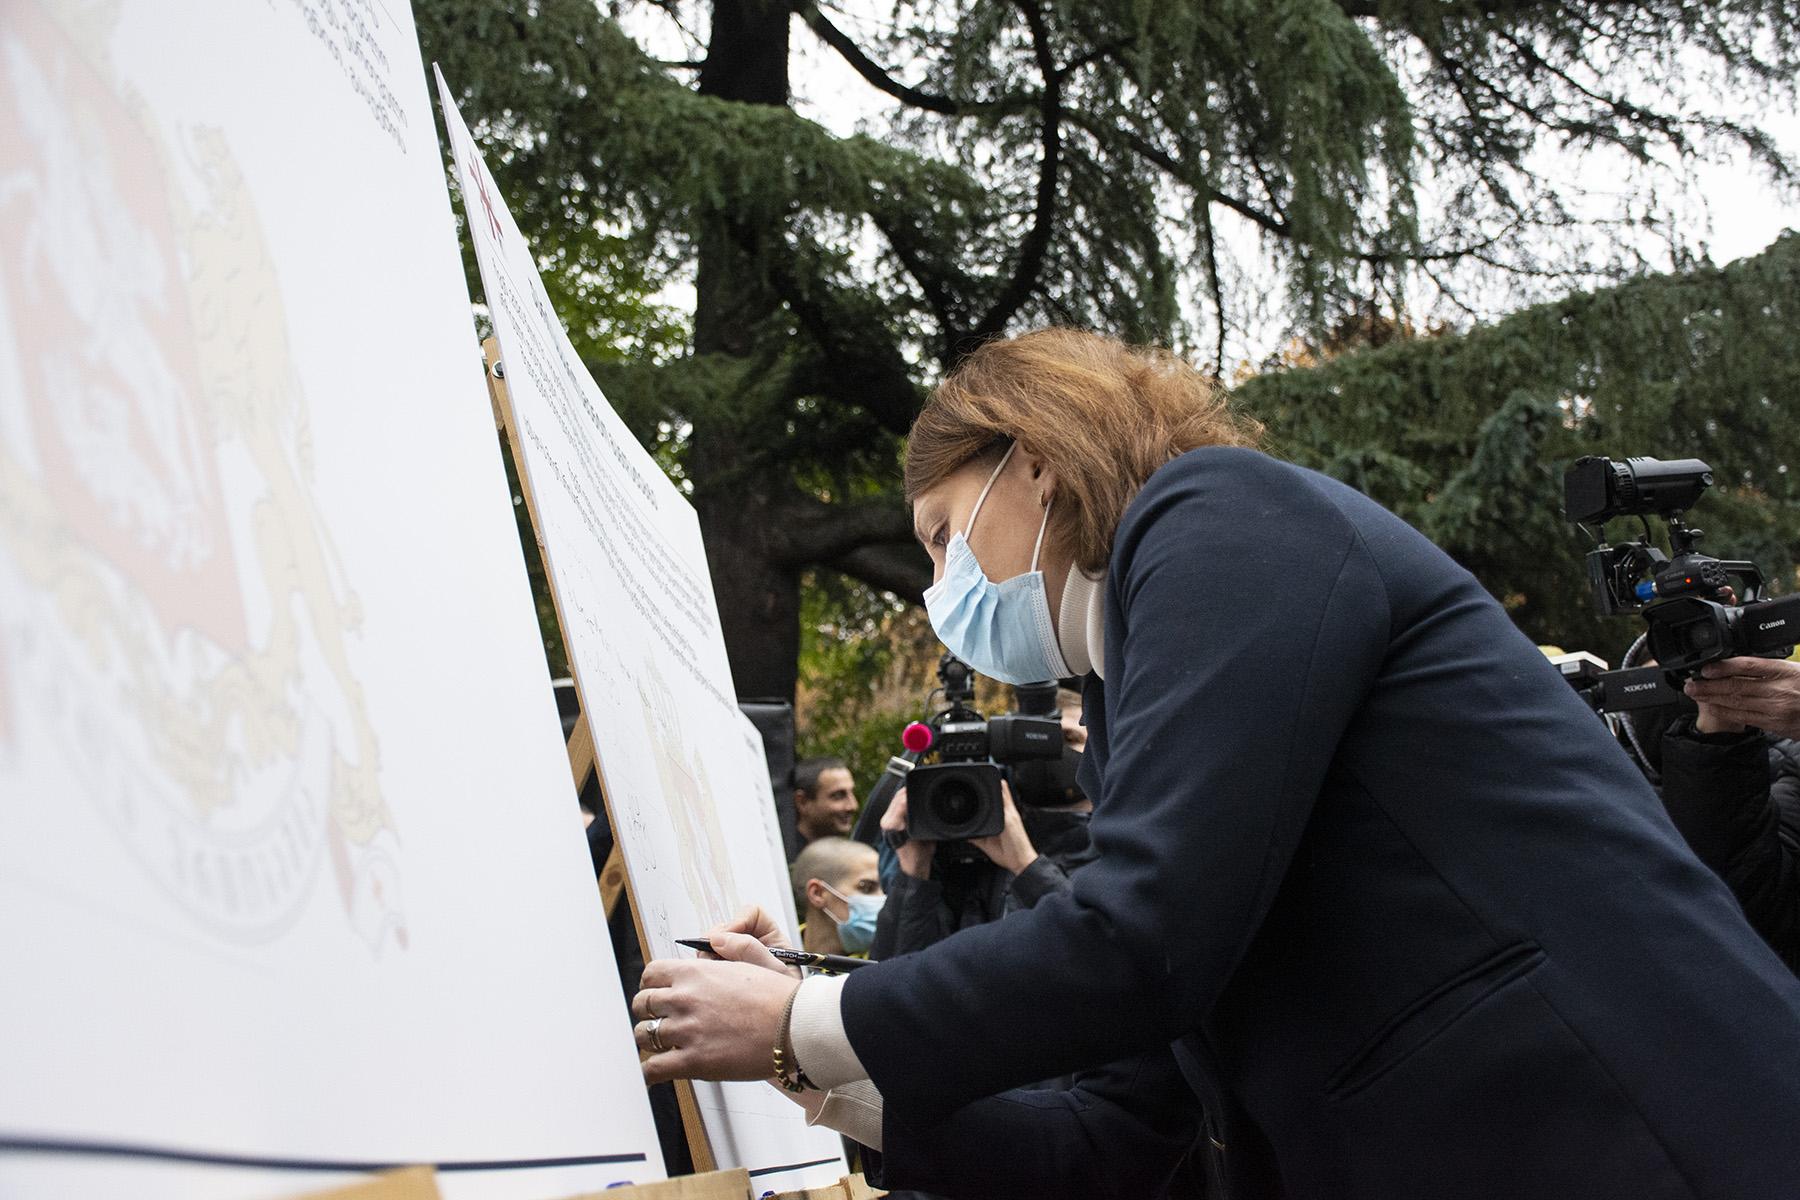 Элене Хоштариа из «Европейской Грузии» подписывает меморандум. Фото: Мариам Никурадзе / OC Media.